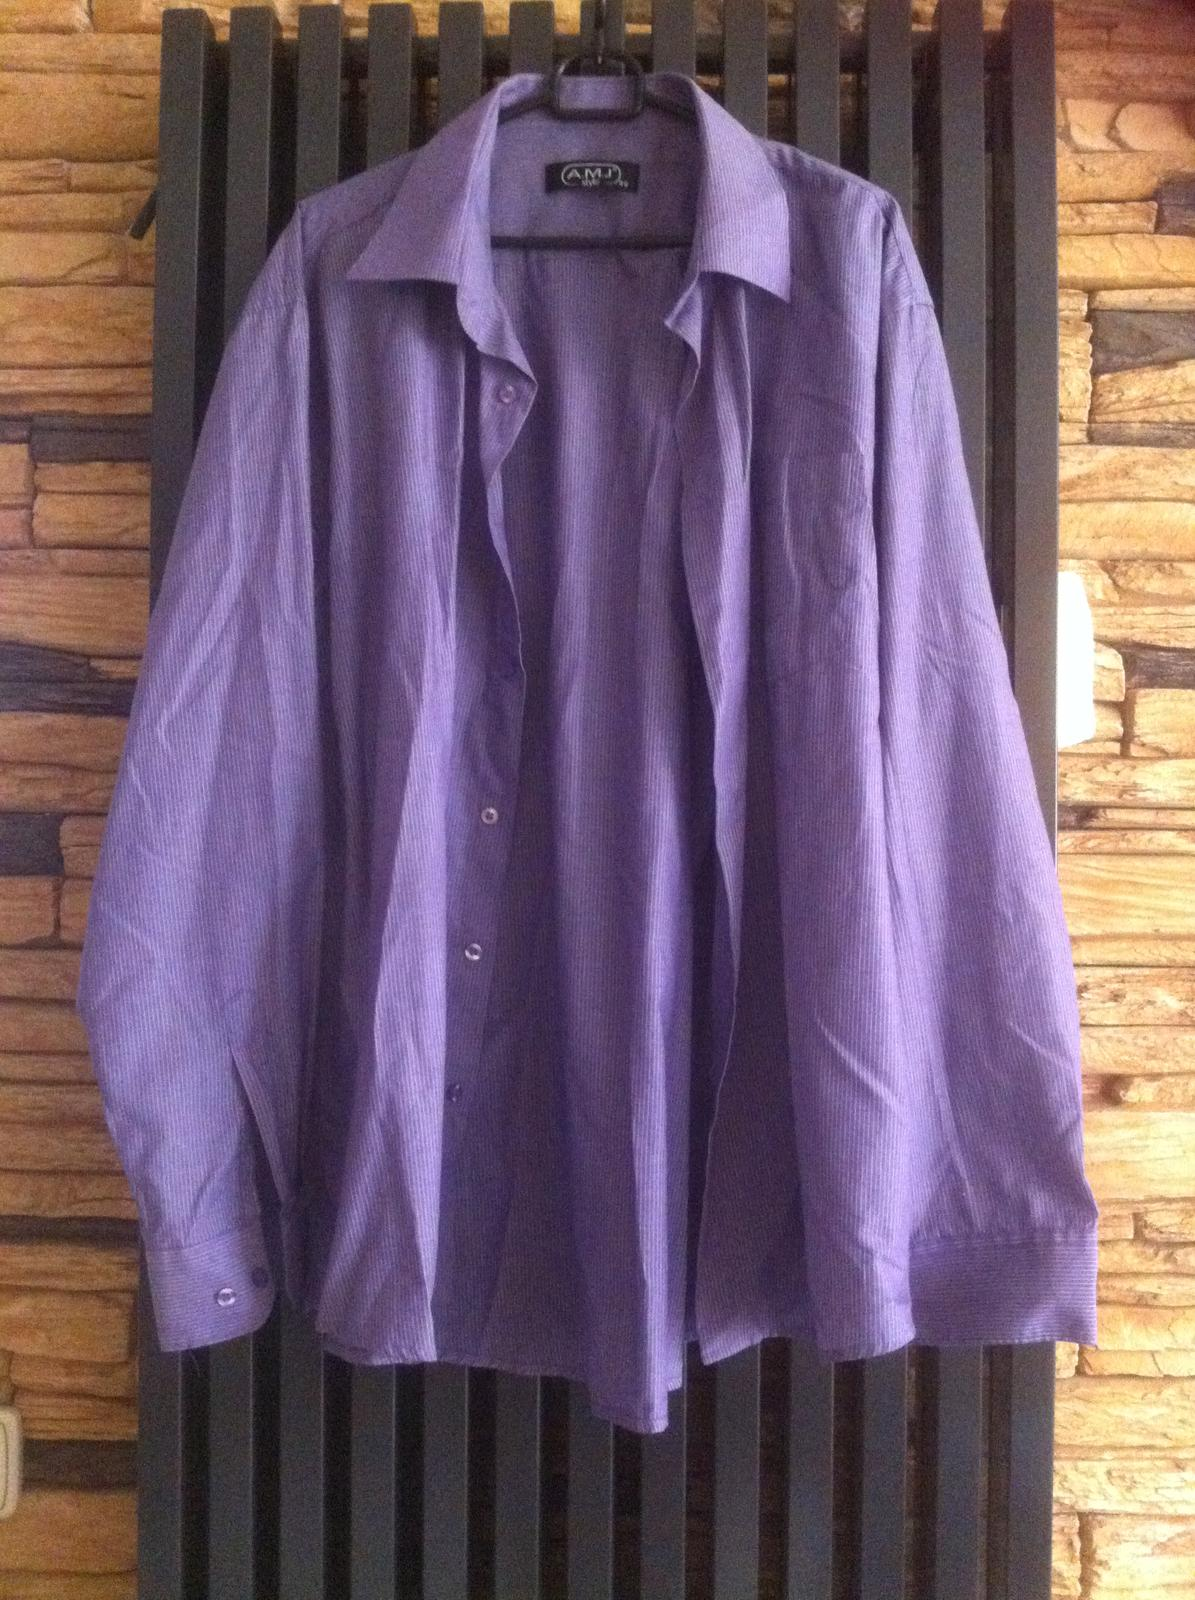 Fialová košile s proužkem A.M.J. style - Obrázek č. 1